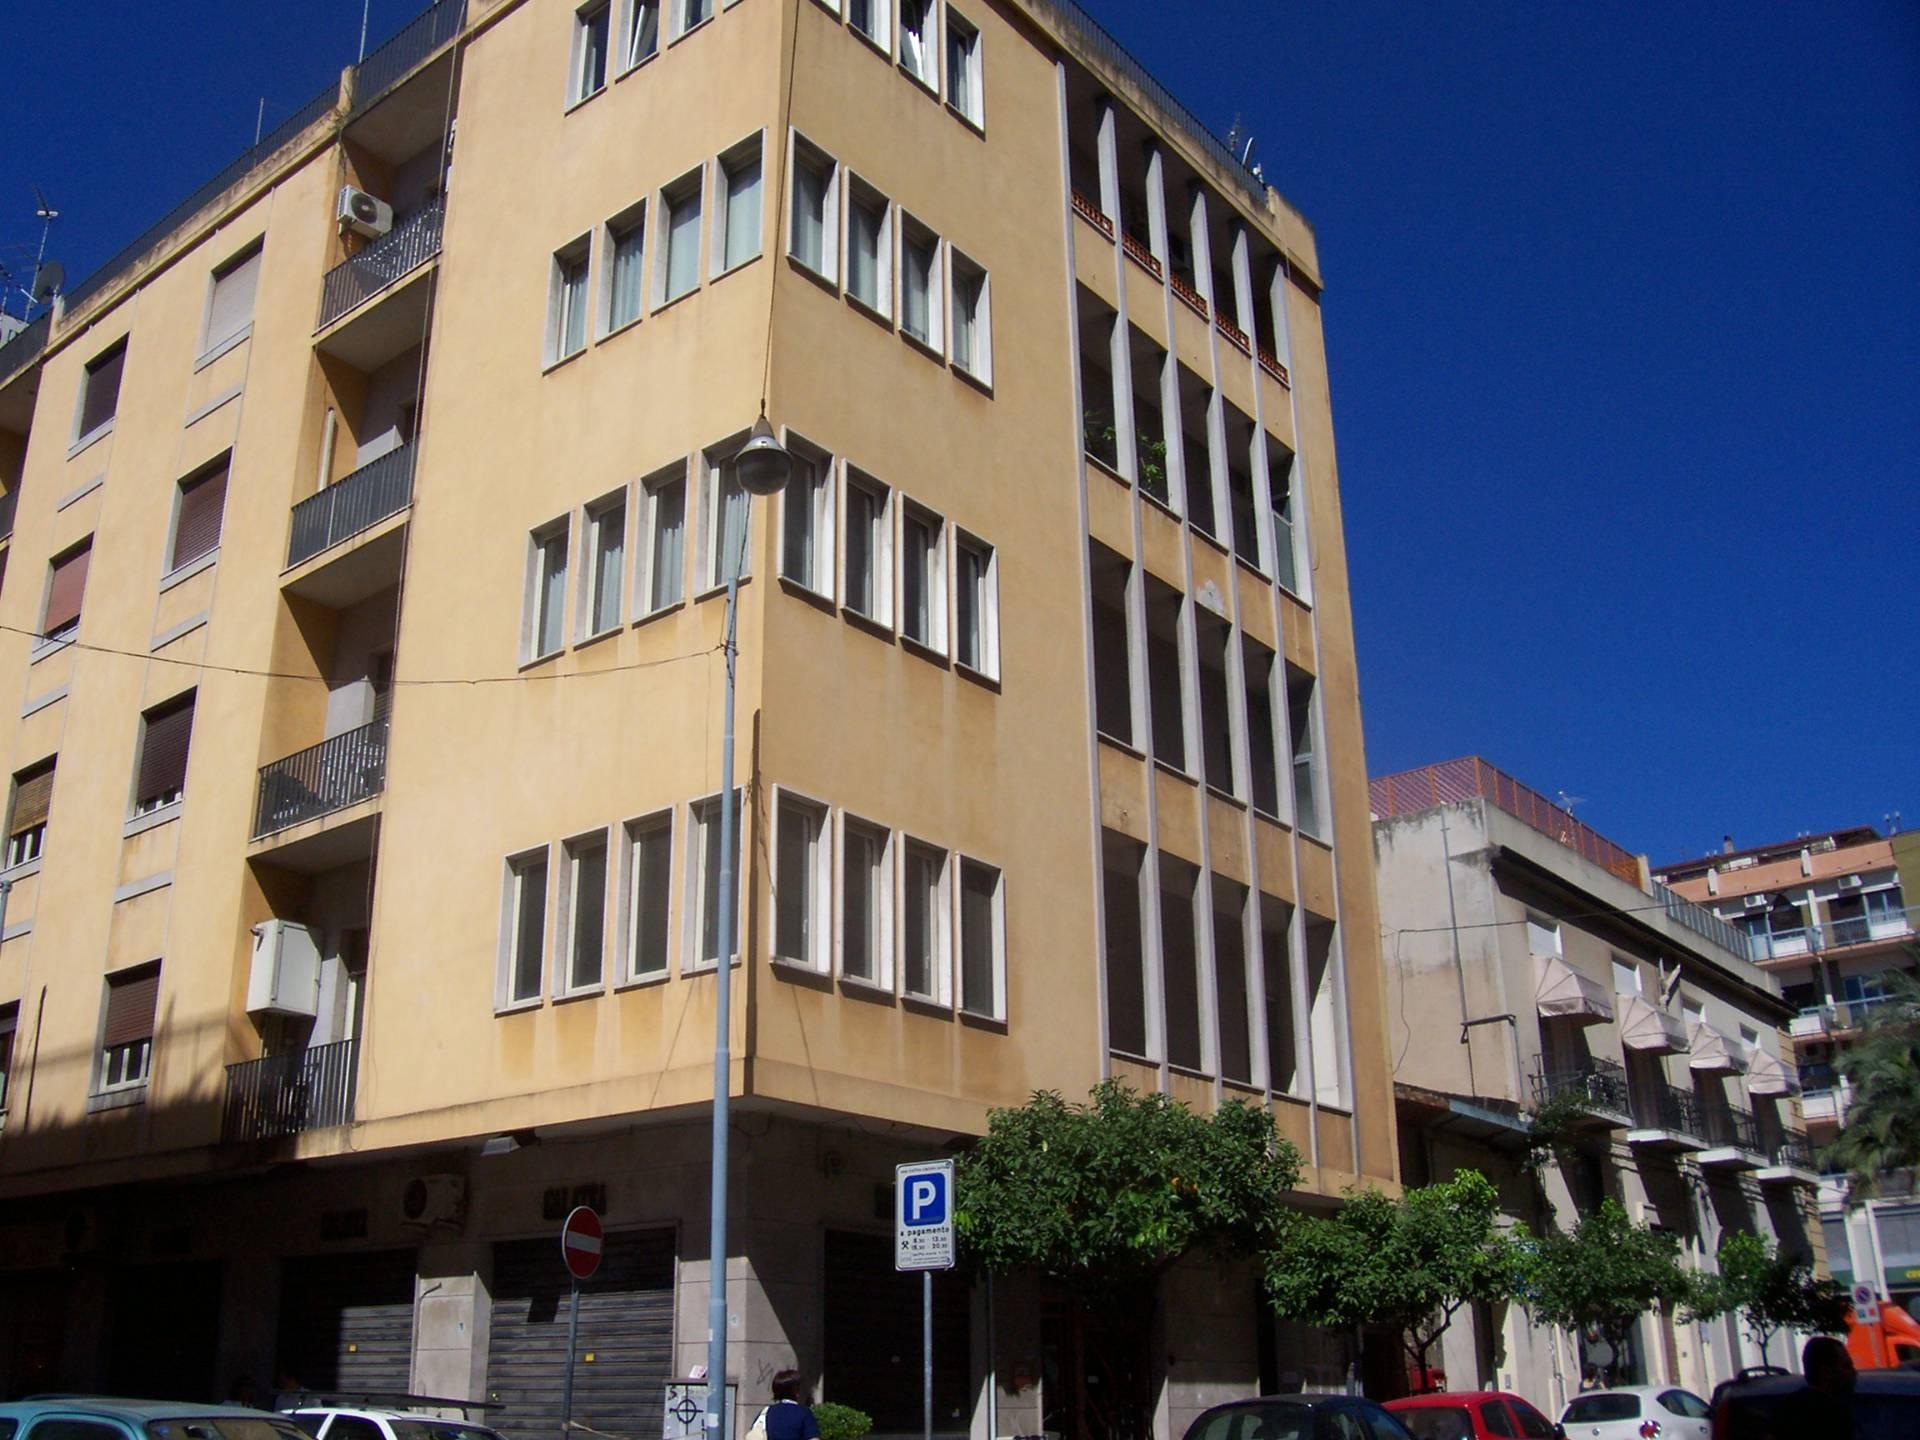 affitto appartamento messina centro  800 euro  5 locali  145 mq